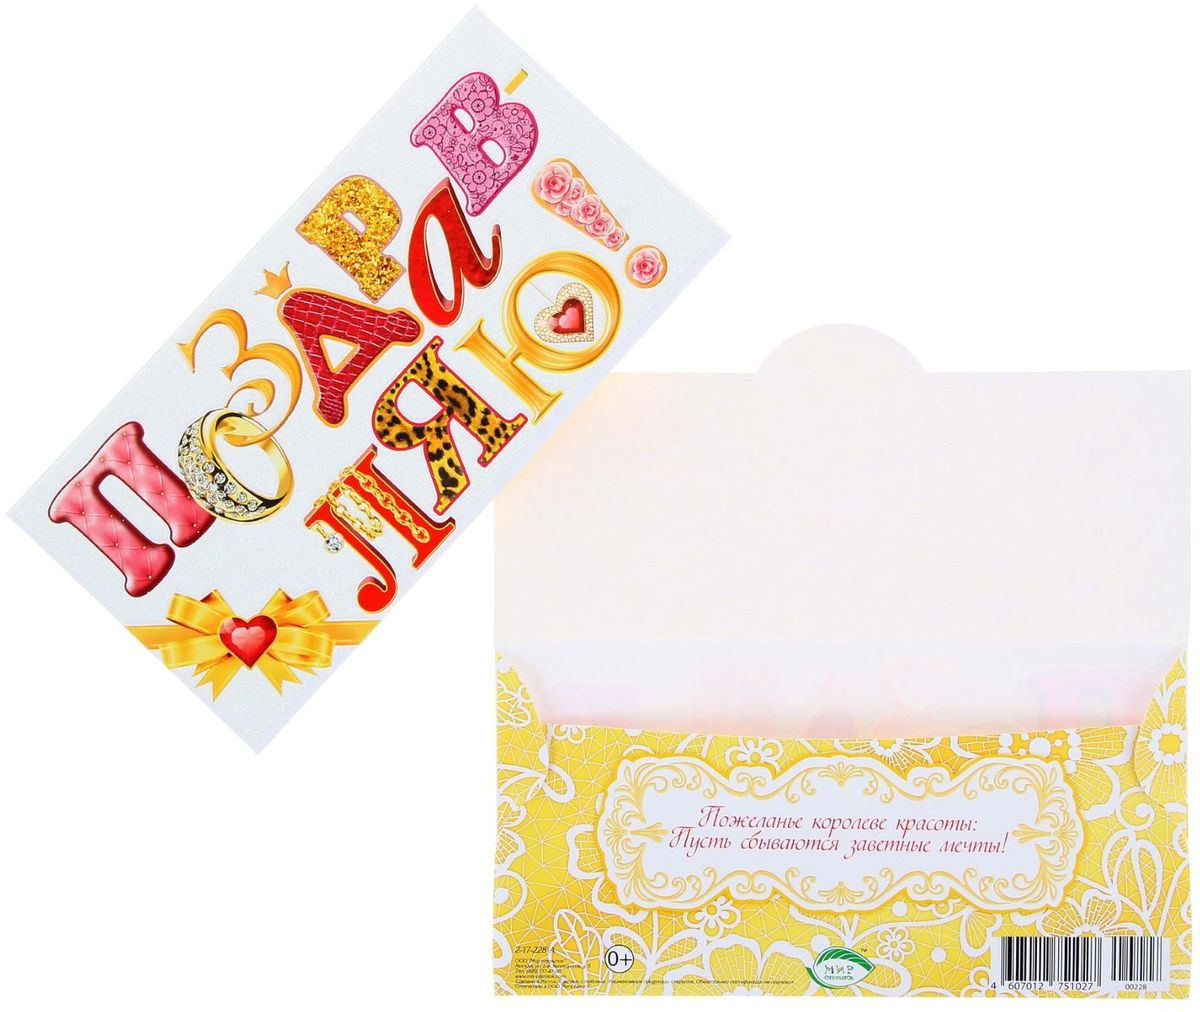 Конверт для денег Мир открыток Подарок!, цвет: розовый318687Конверт для денег Поздравляю! выполнен из плотной бумаги и украшен яркой праздничной картинкой.Это необычная красивая одежка для денежного подарка, а так же отличная возможность сделать его более праздничным и создать прекрасное настроение!Конверт Поздравляю! - идеальное решение, если вы хотите подарить деньги.